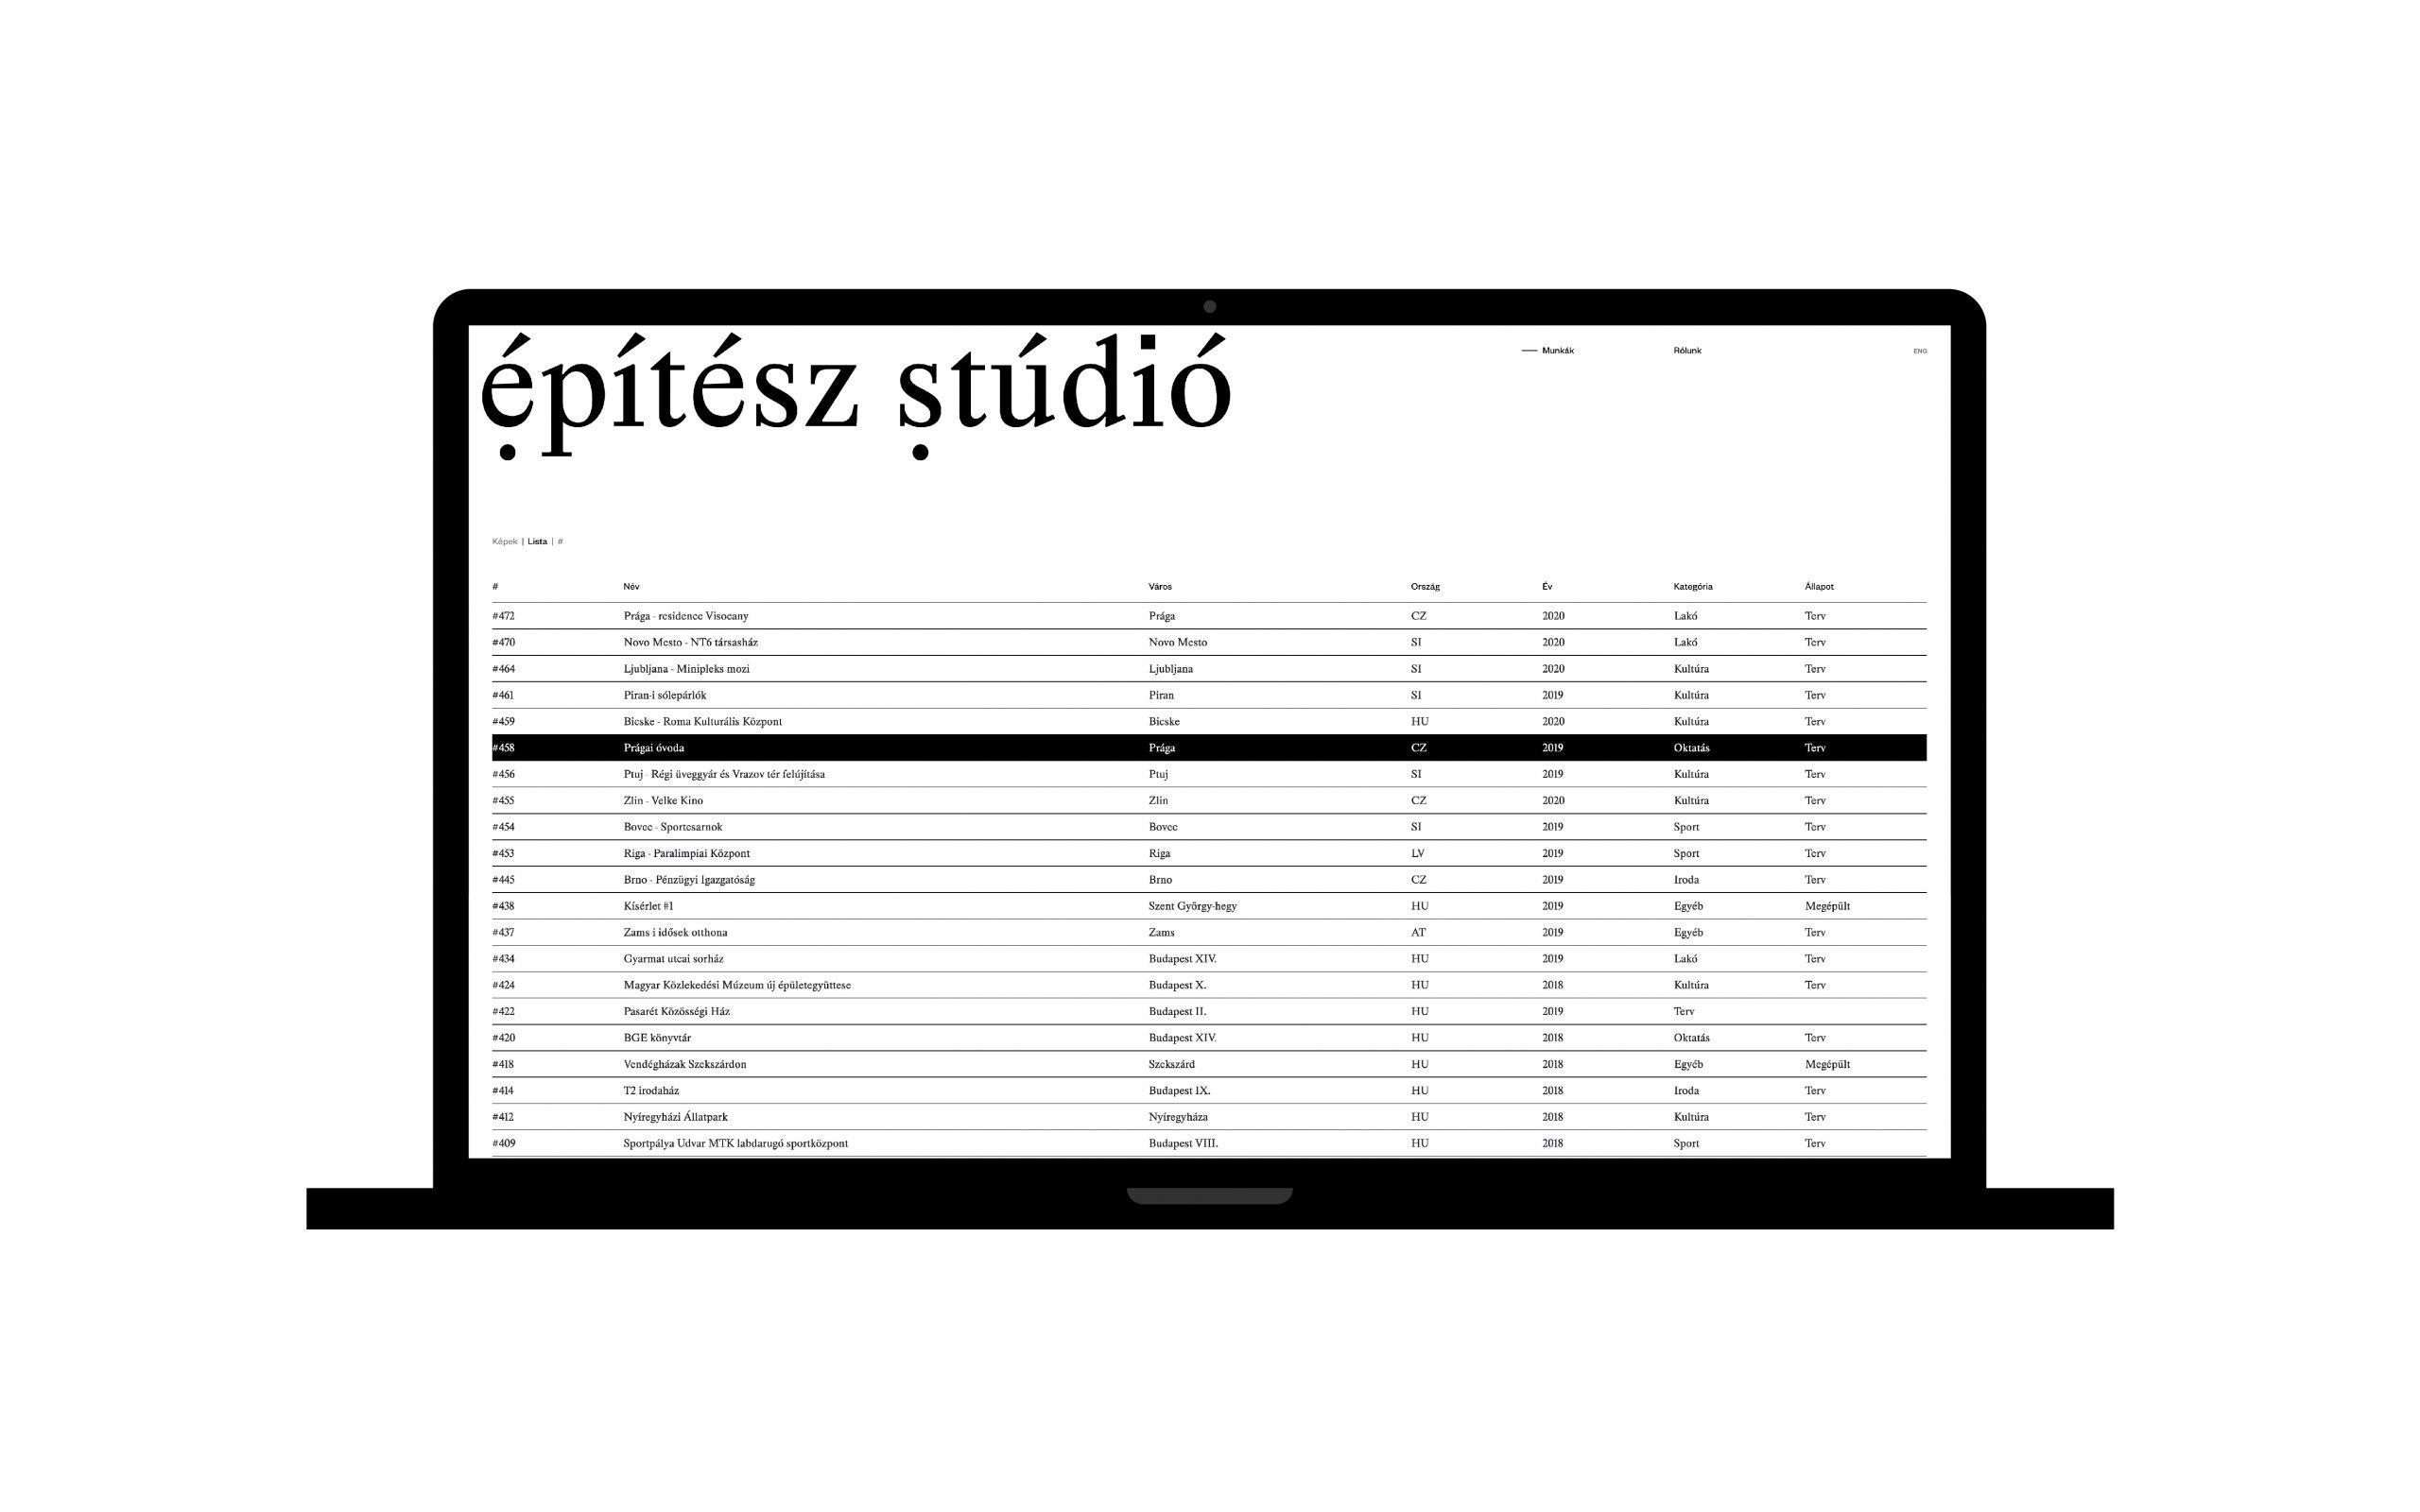 ES-mockup-web_desktop_12